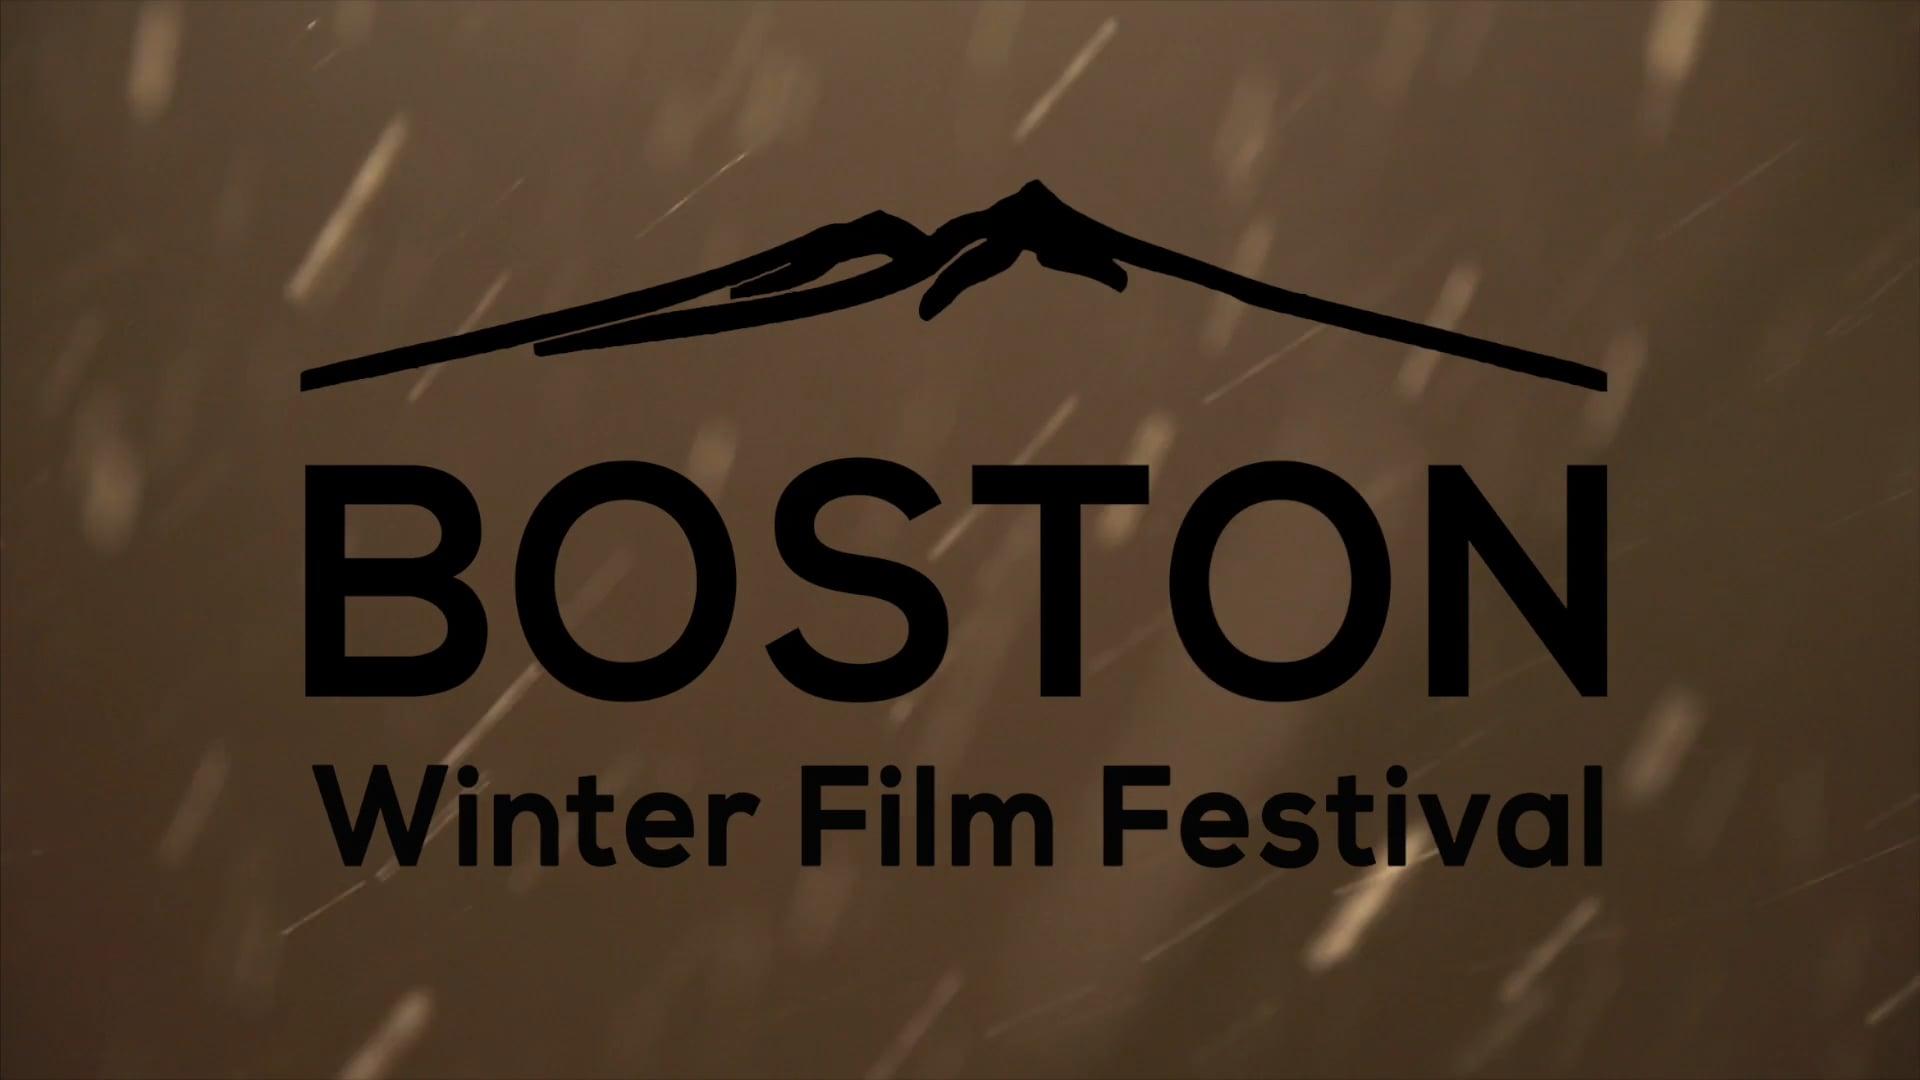 2017 Boston Winter Film Festival